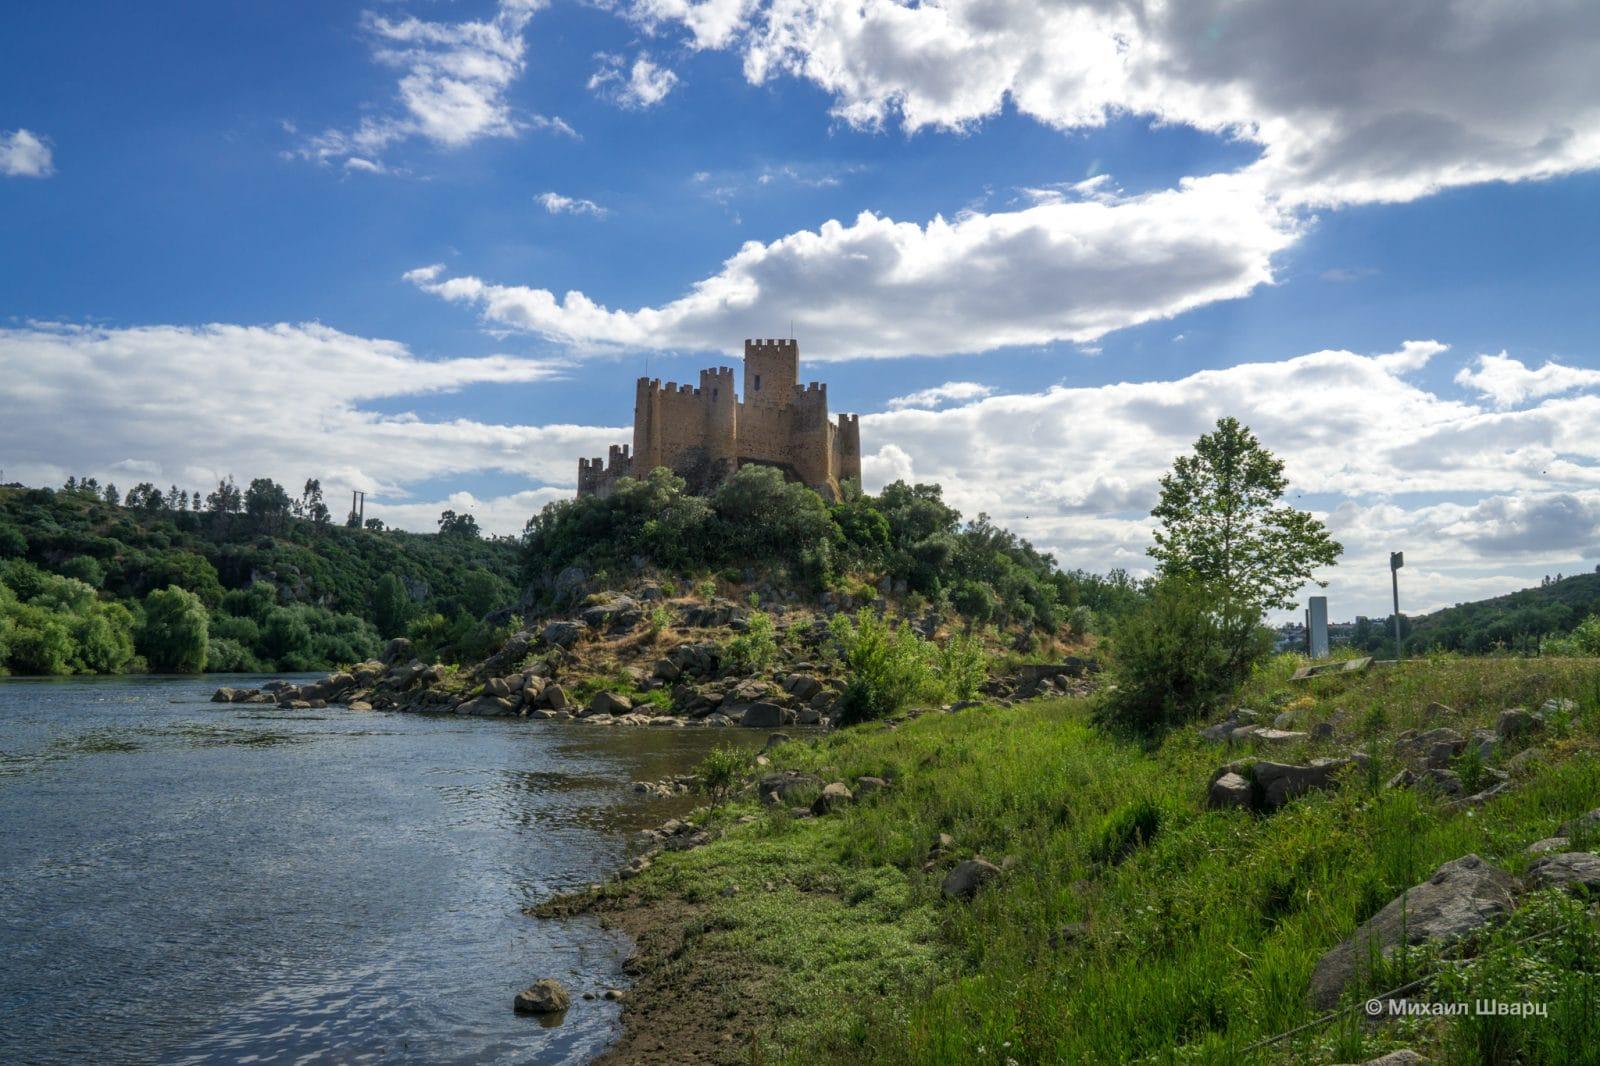 Из замка удобно контролировать передвижение по реке